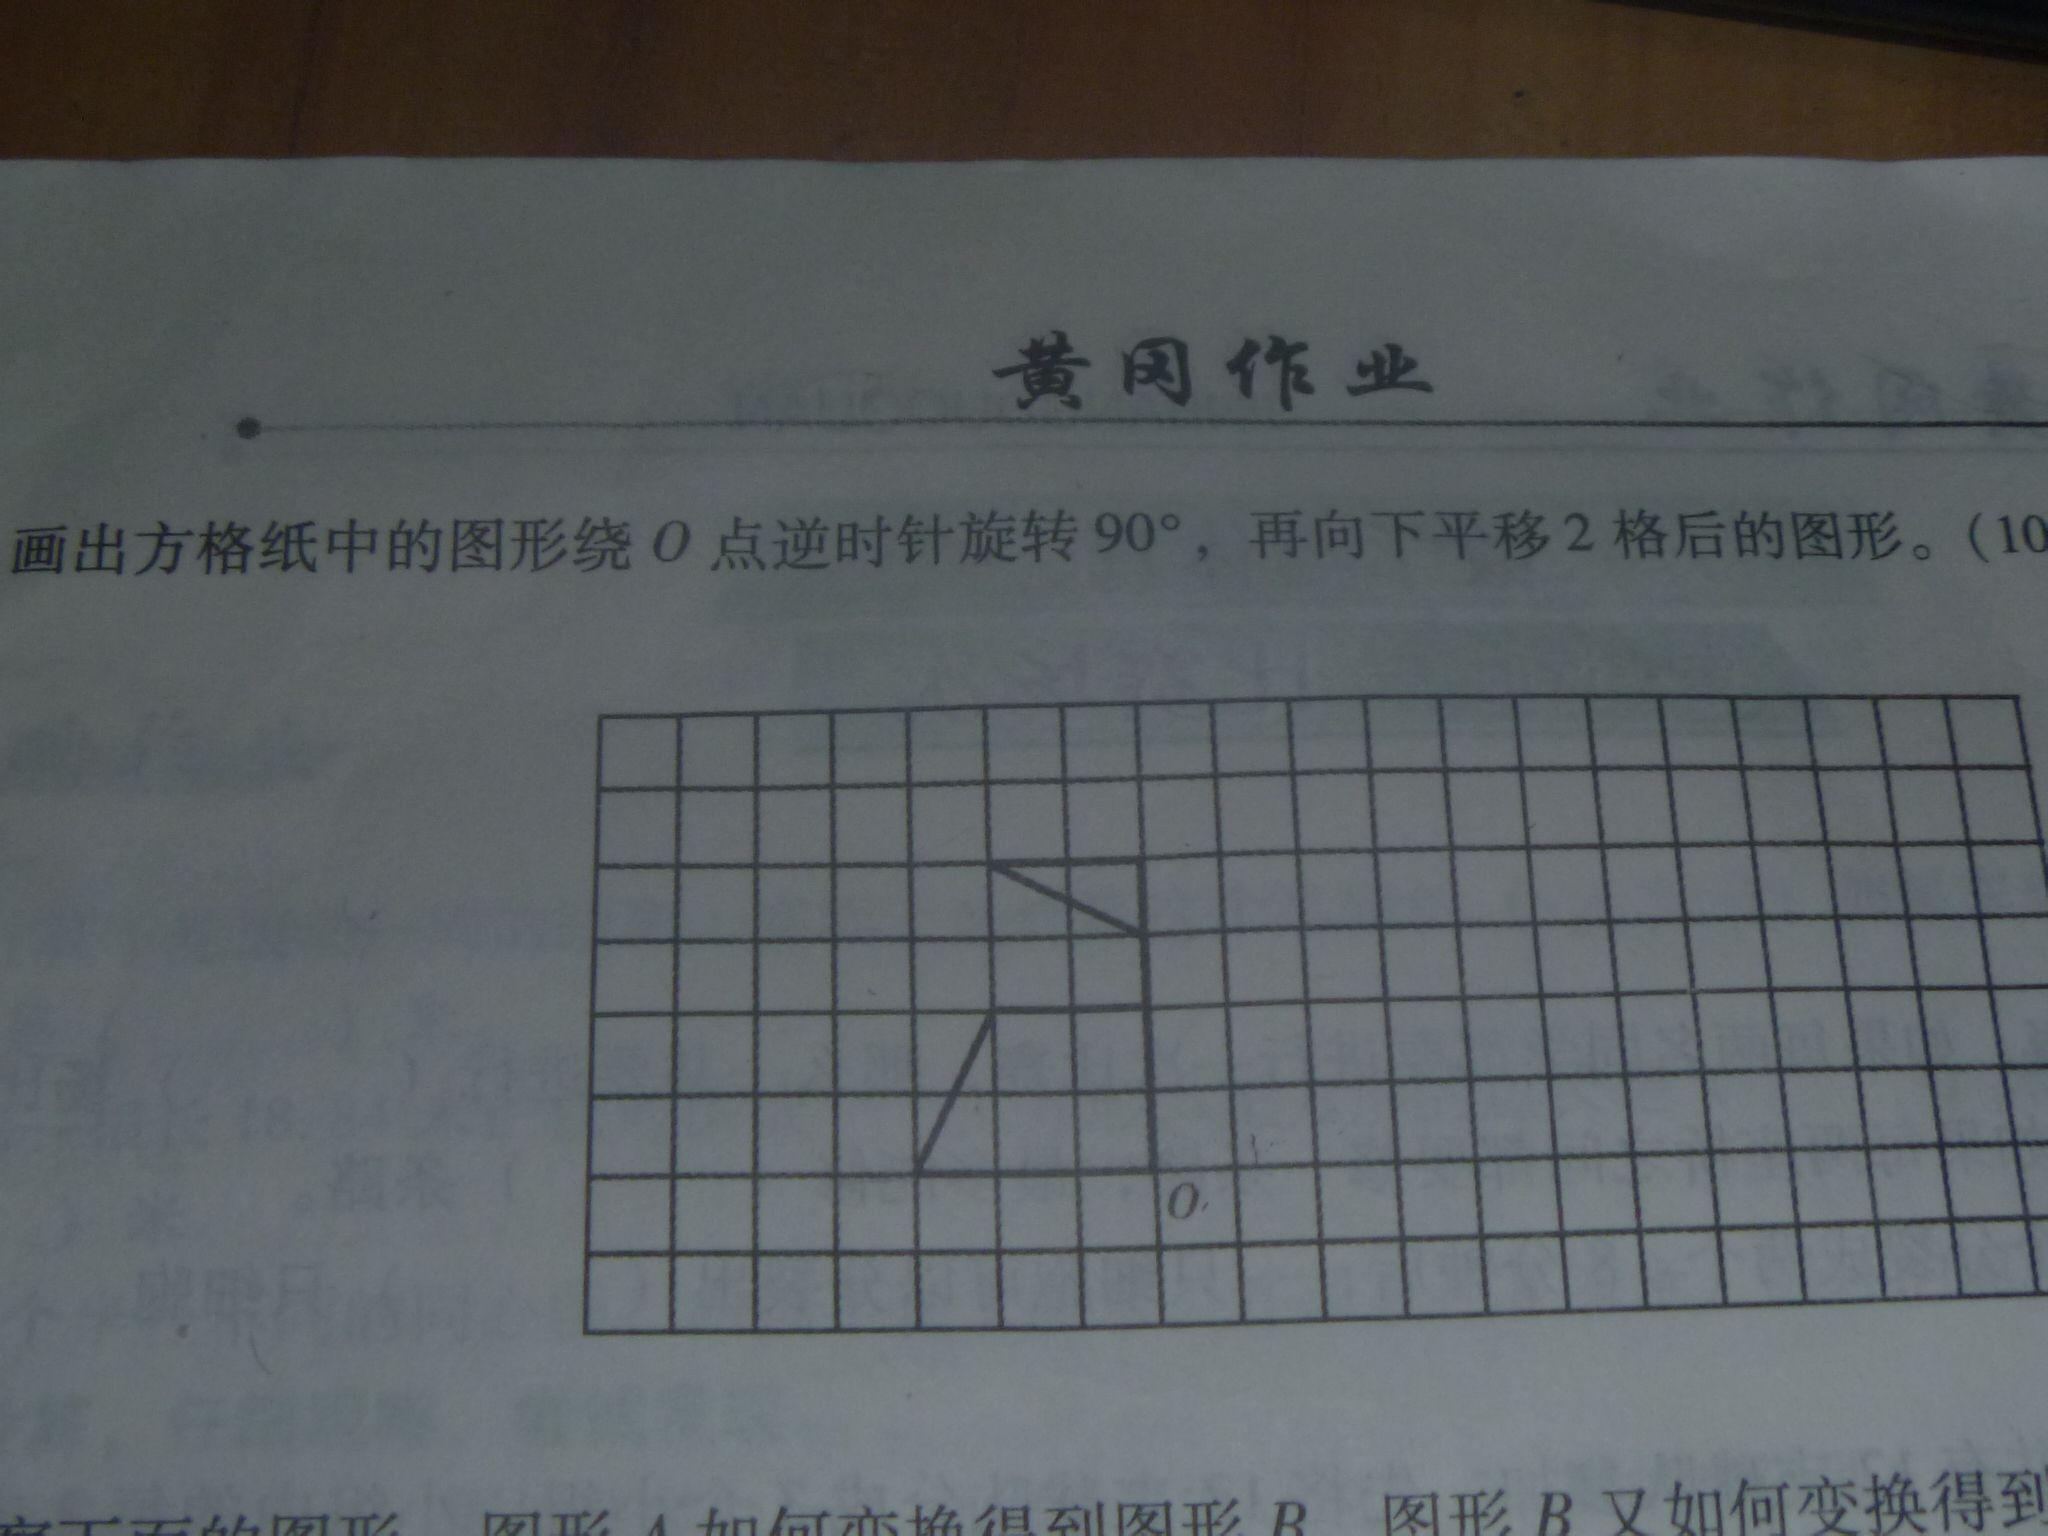 小学6年级数学下册图形的旋转题图 小学6年级数学下册图形高清图片